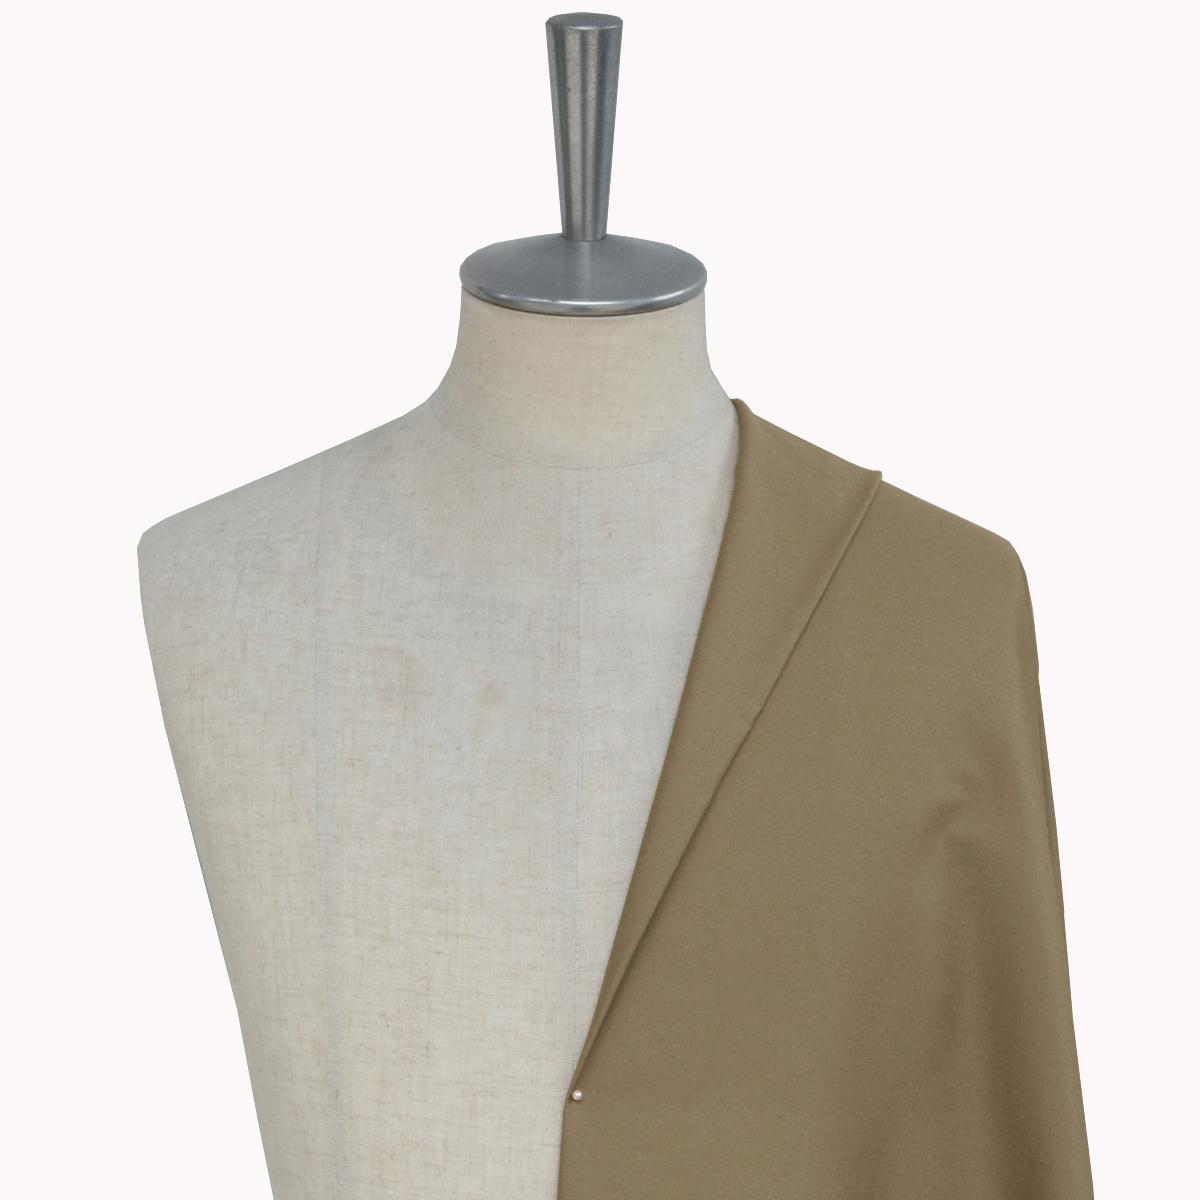 [オーダースーツ]キャメル色で大人の余裕を。クセになる着心地感